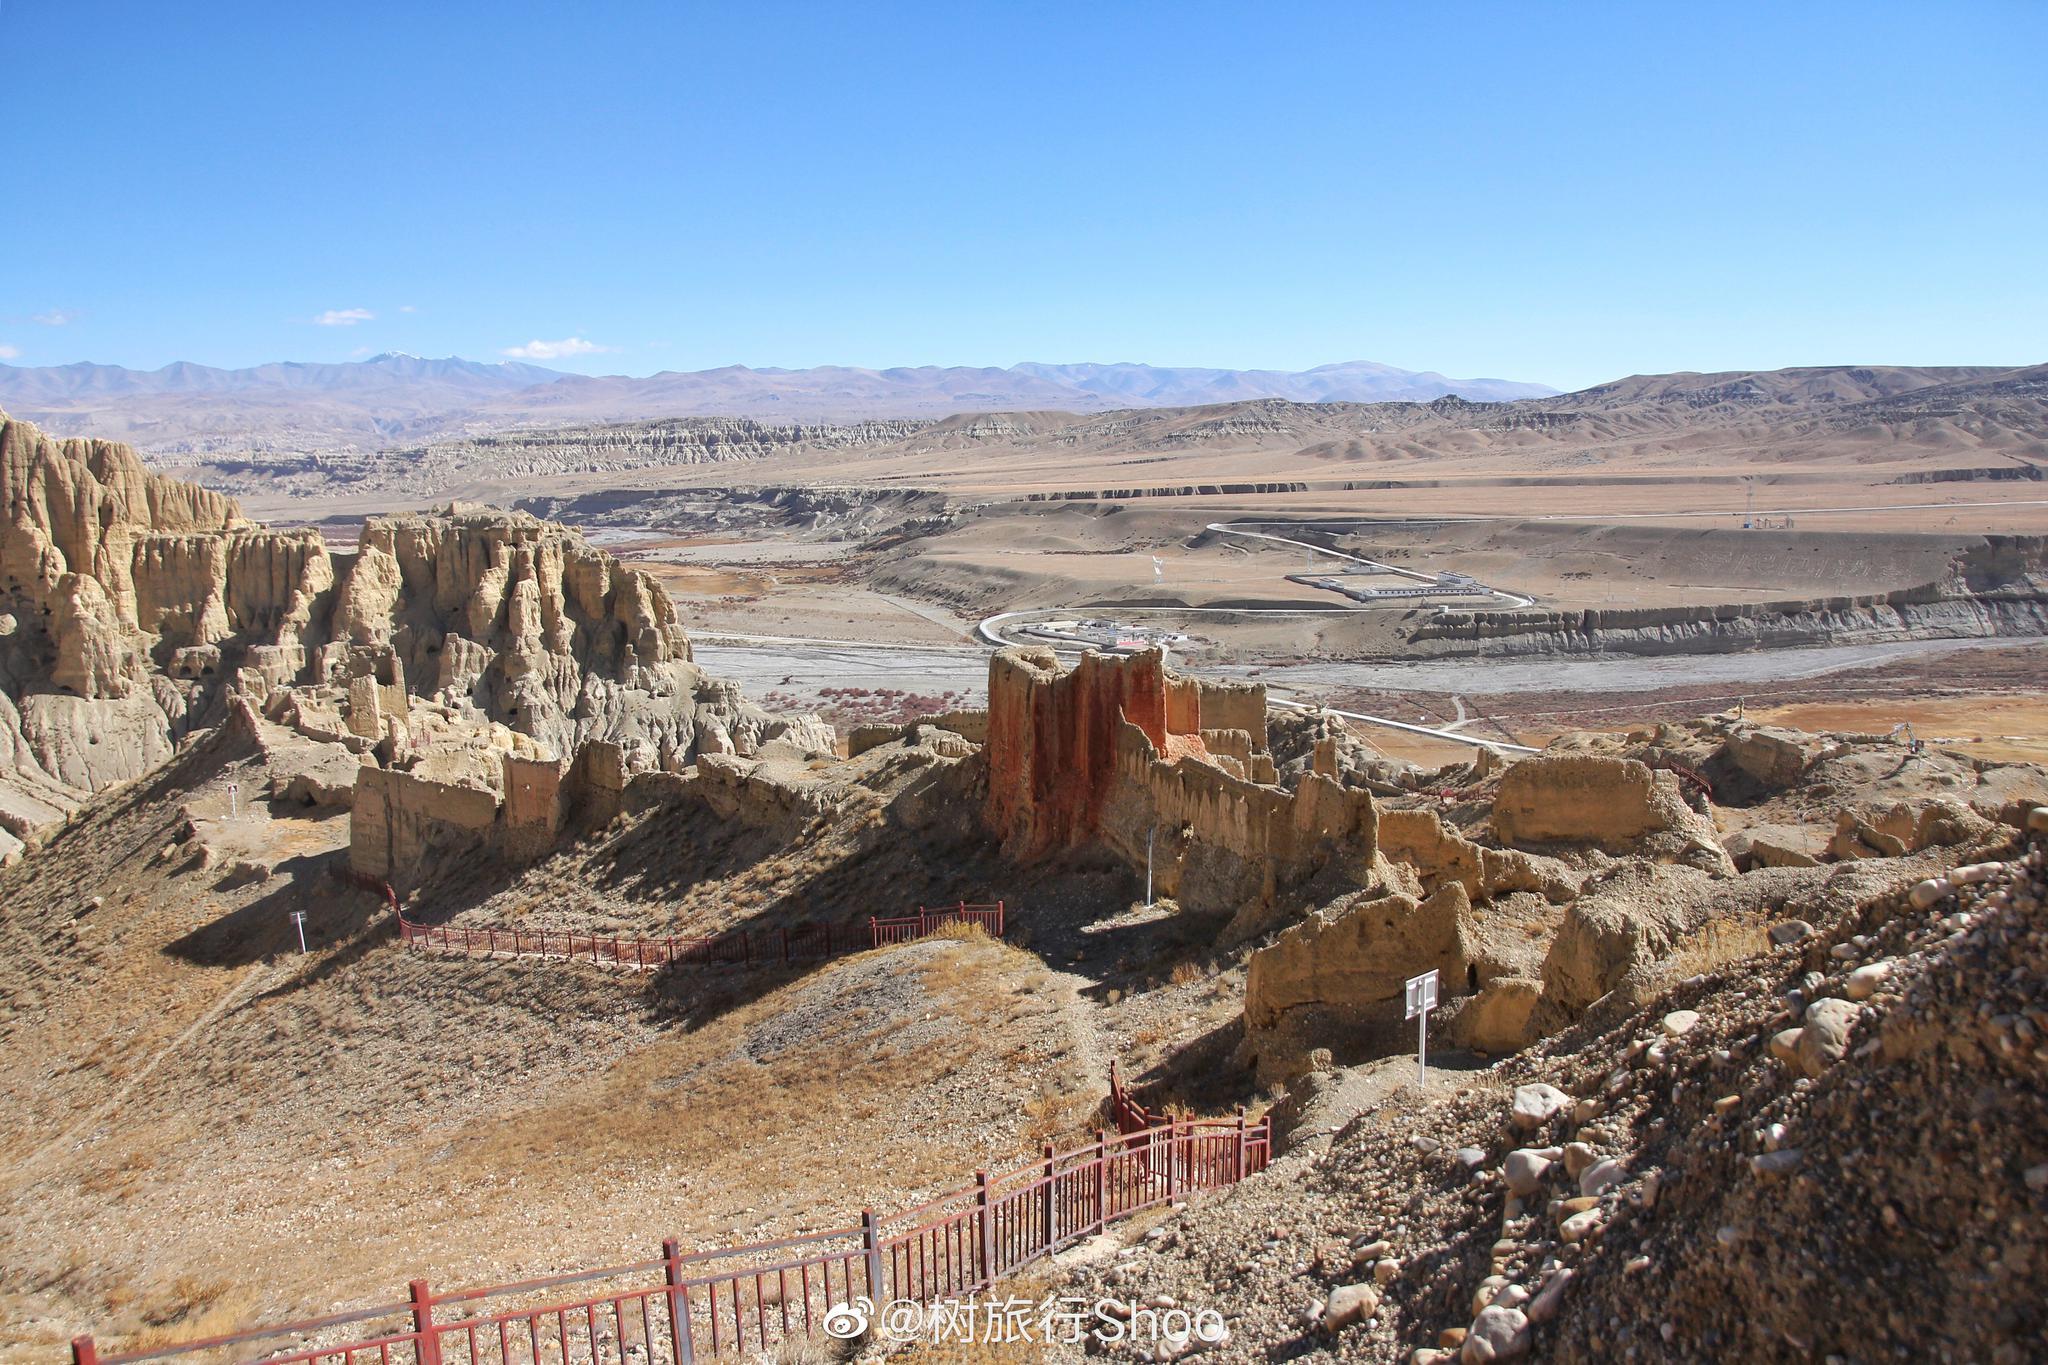 达巴遗址,曾经山顶的寺院在文革中拆除,1991年在山下重建了达巴寺